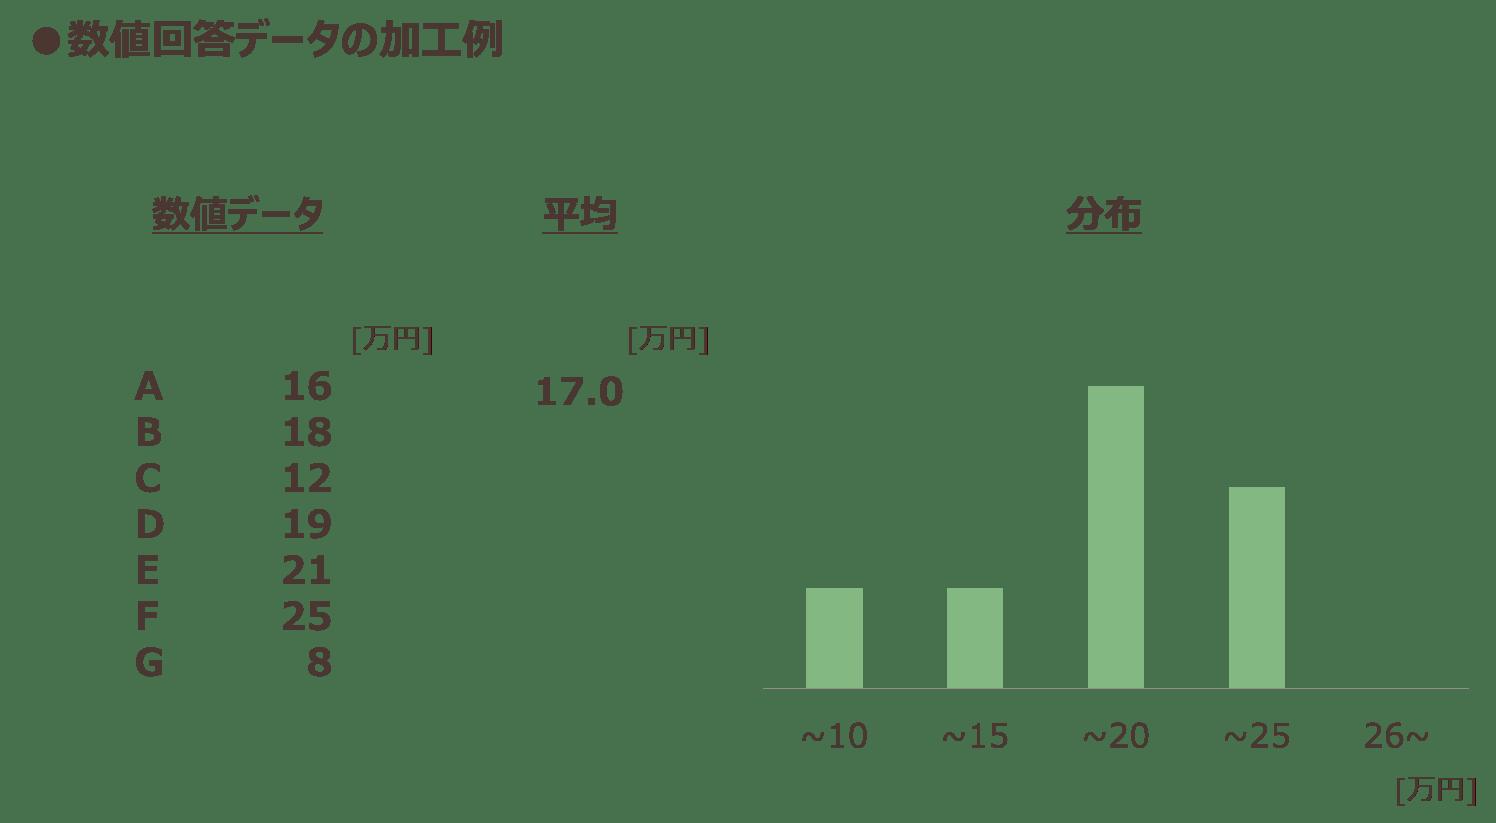 数値回答データの加工例